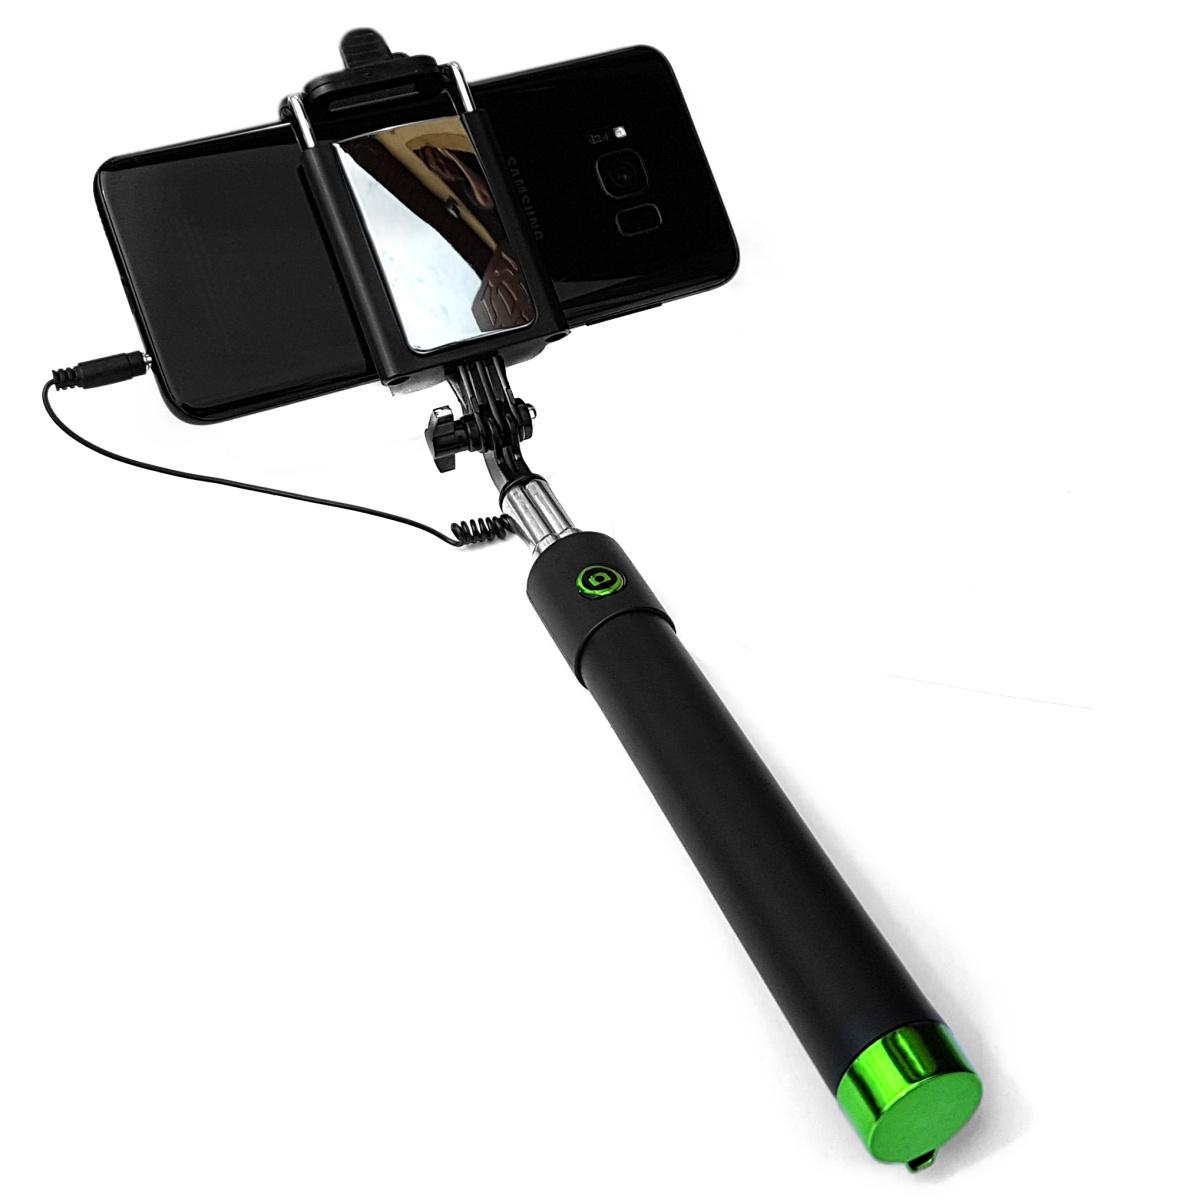 Kijek Selfiestick Monopod Blackview Heatwave/ P2